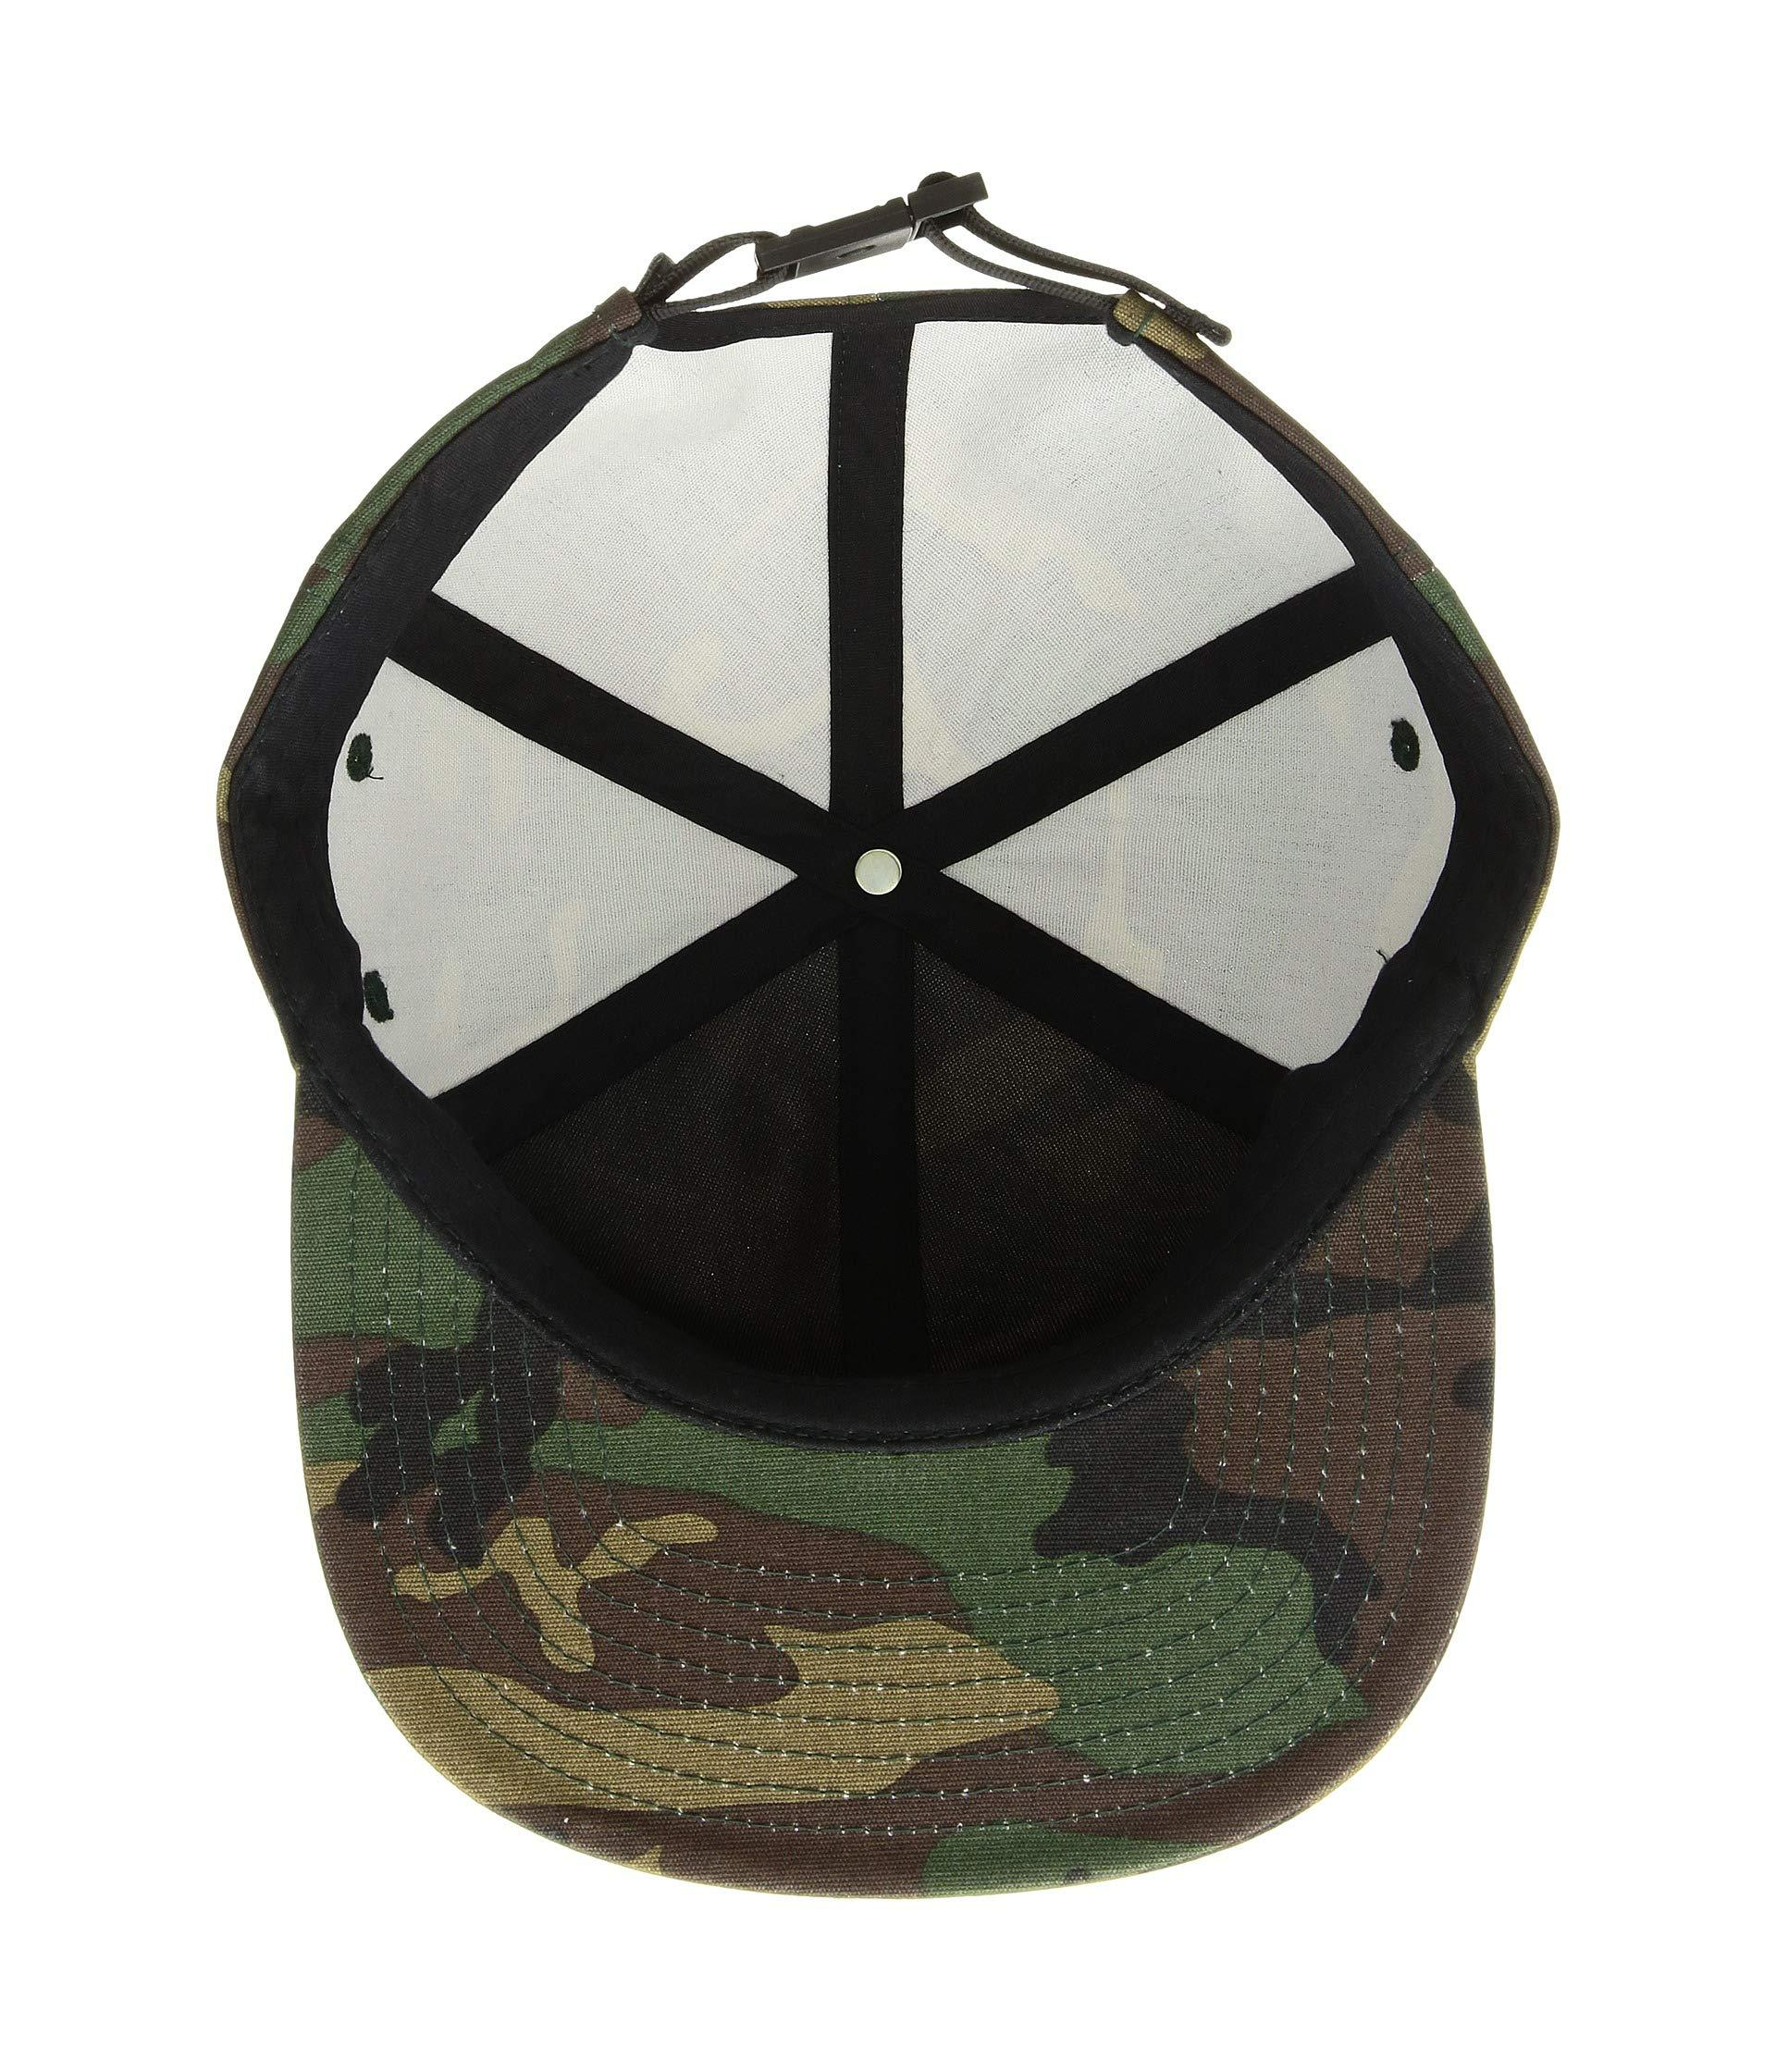 18994f2fe76a1b Lyst - Vans Salton Ii Jockey Hat in Green for Men - Save 4%